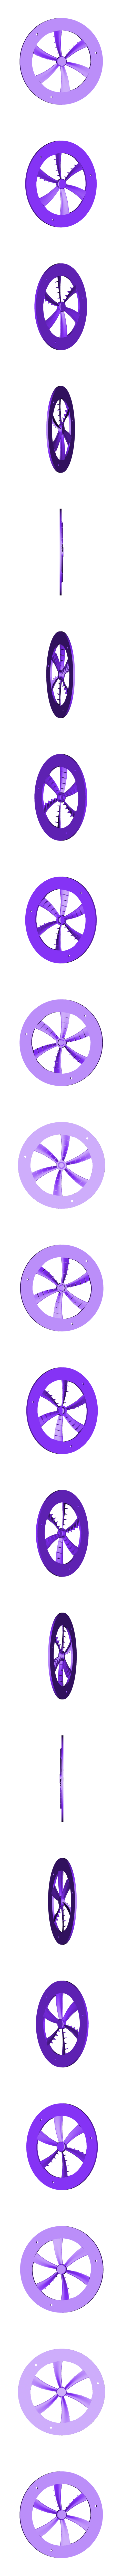 SirHa_Rotor3.stl Télécharger fichier STL gratuit Air Raid Siren - hand crank version • Plan imprimable en 3D, MlePh